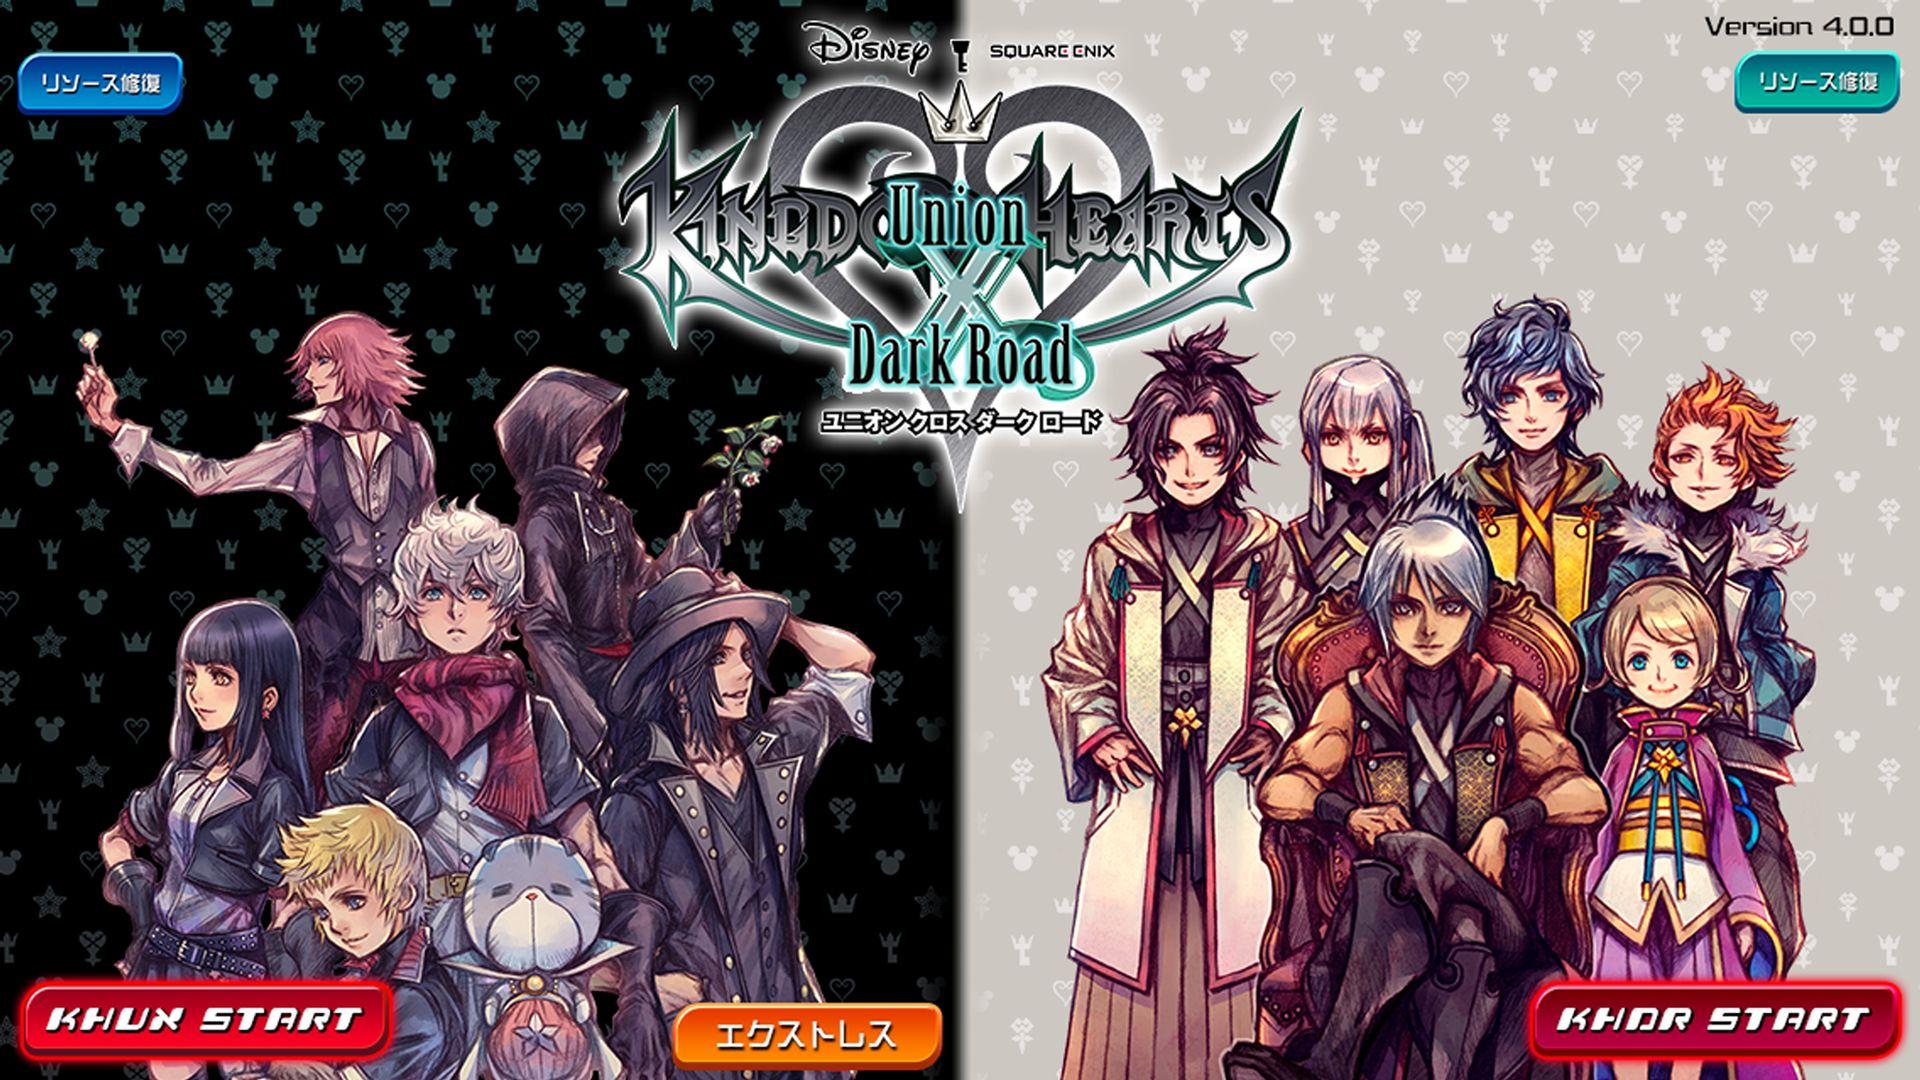 王国之心:联盟 X 黑暗之路(日服) 游戏截图1